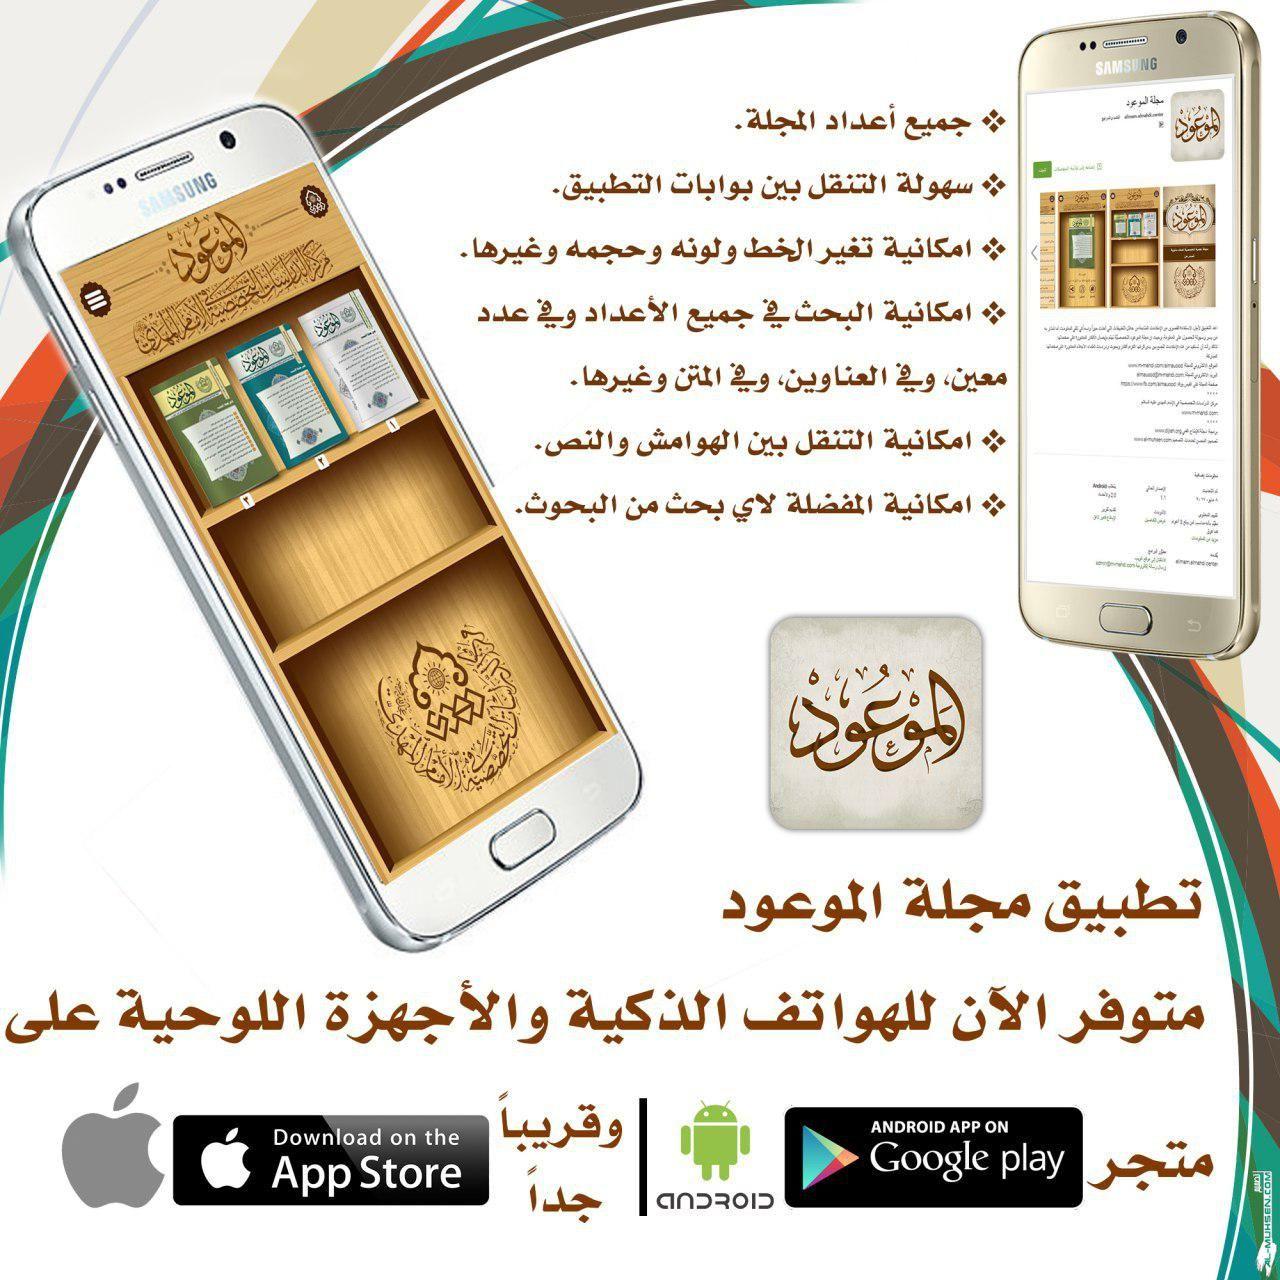 تطبيق مجلة الموعود Android Apps Download App App